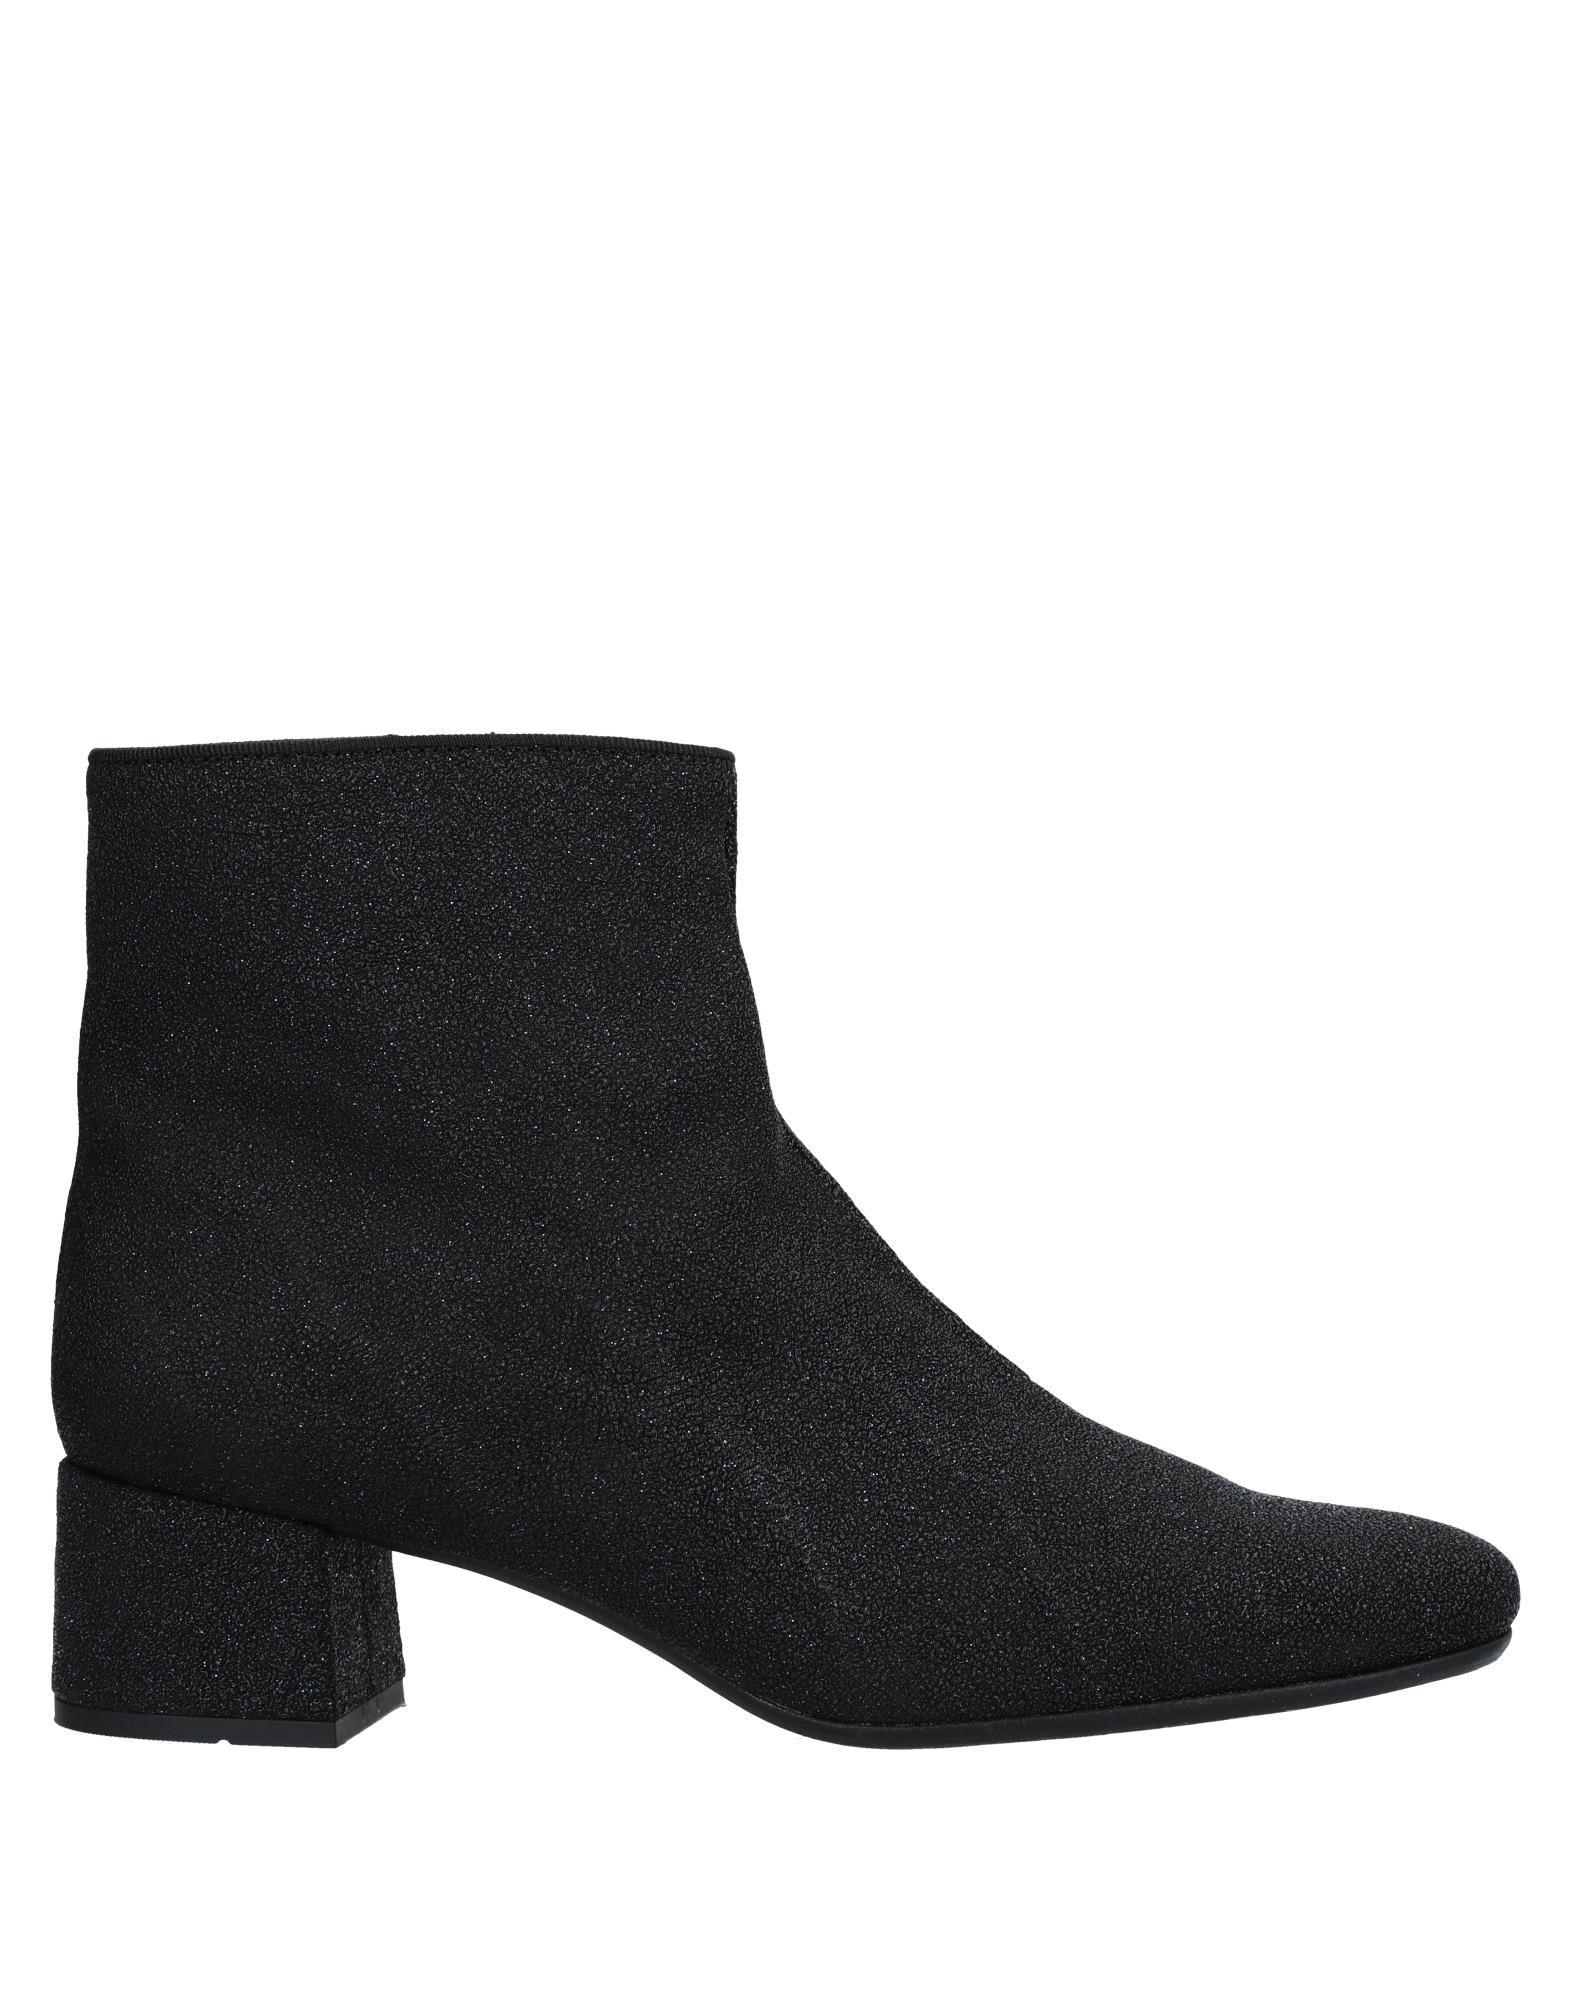 Kanna Stiefelette Damen  11533813AL Gute Qualität beliebte Schuhe